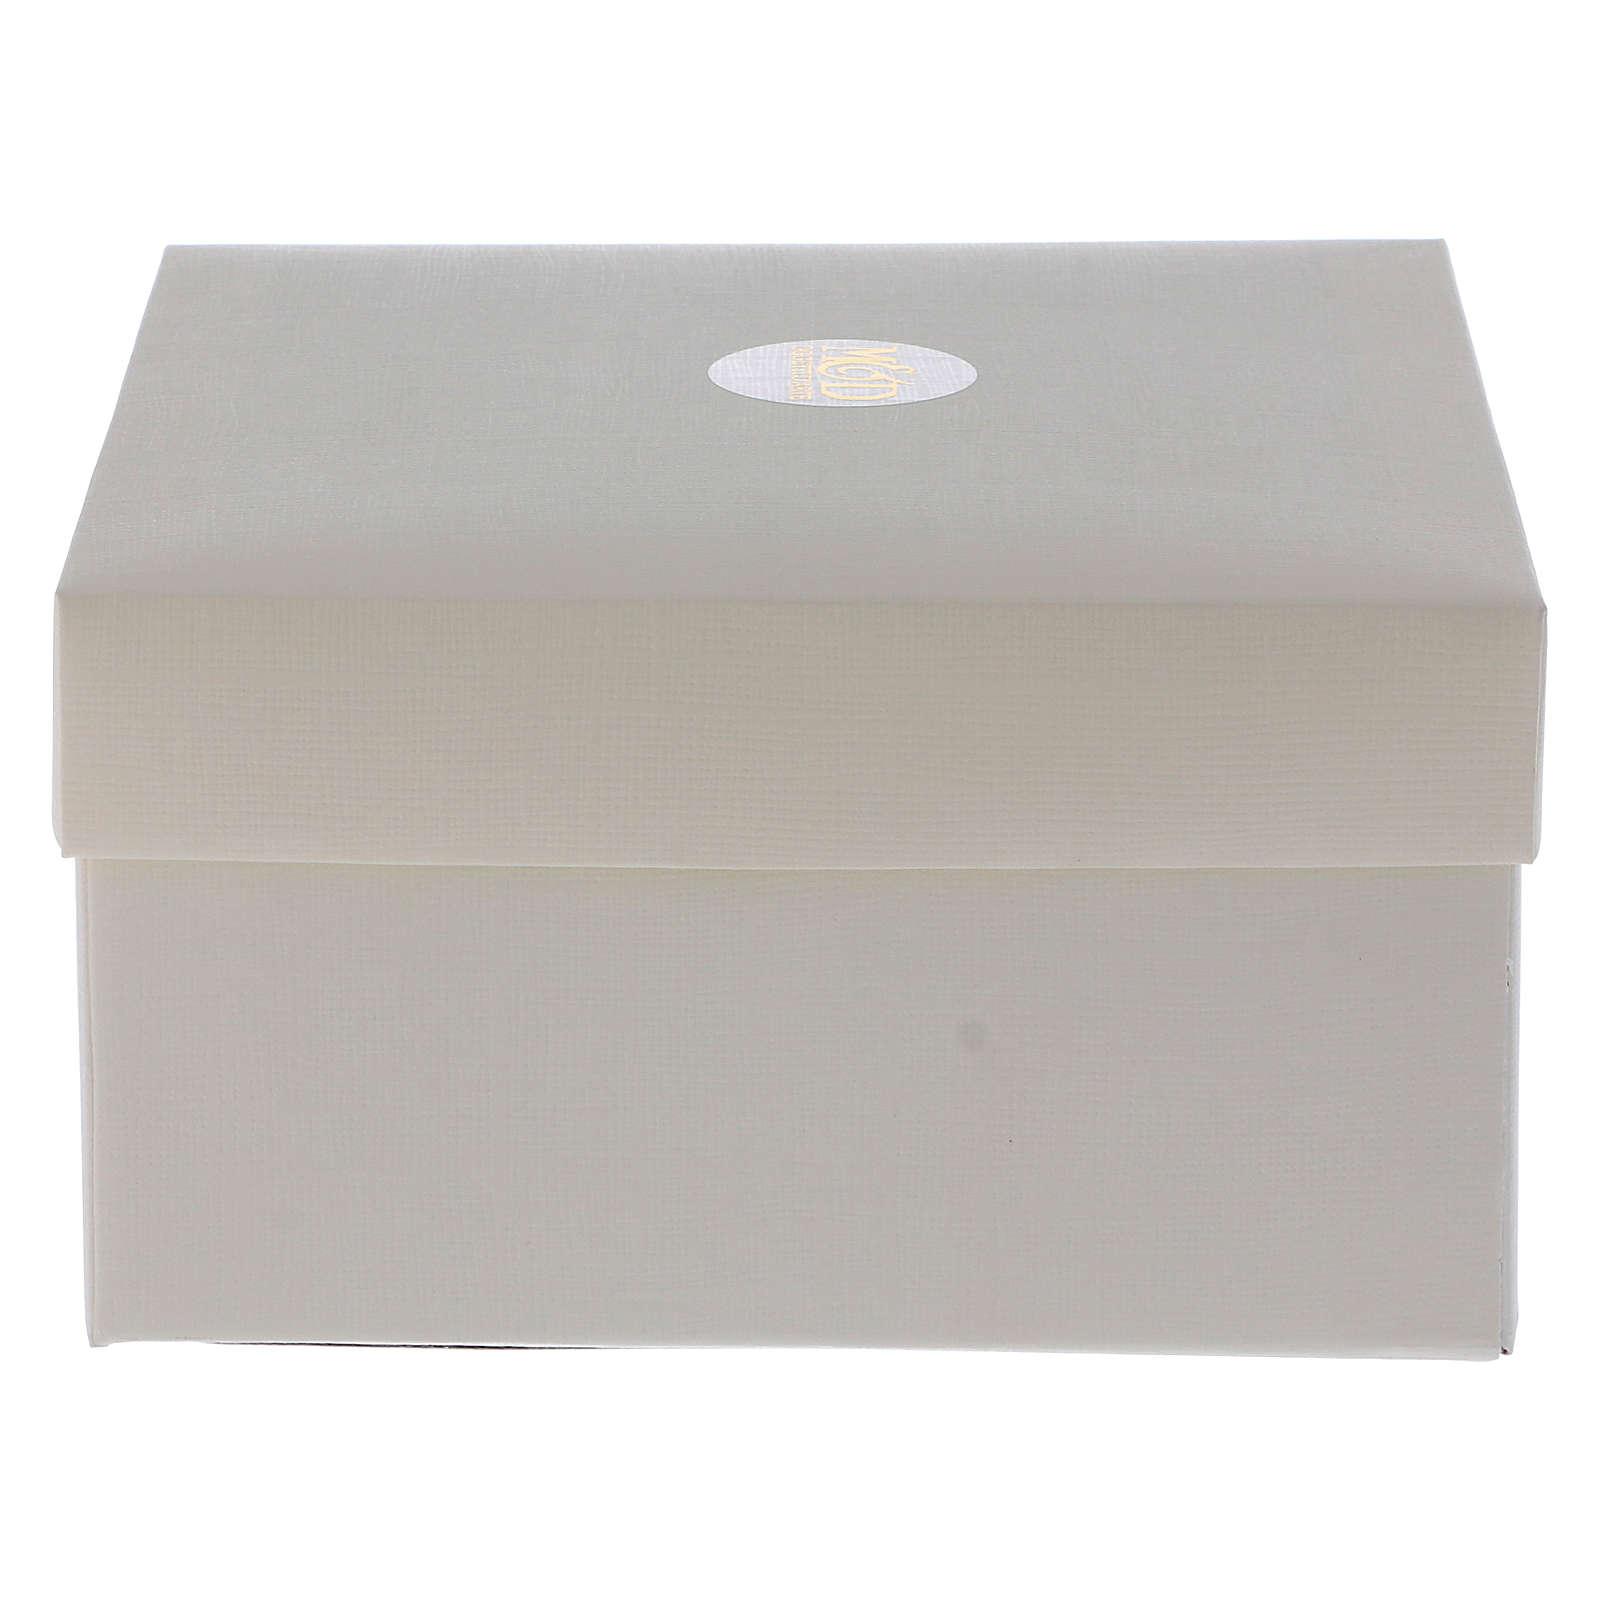 Recuerdo de la Comunión caja 5x5x5 cm con lamparilla 4